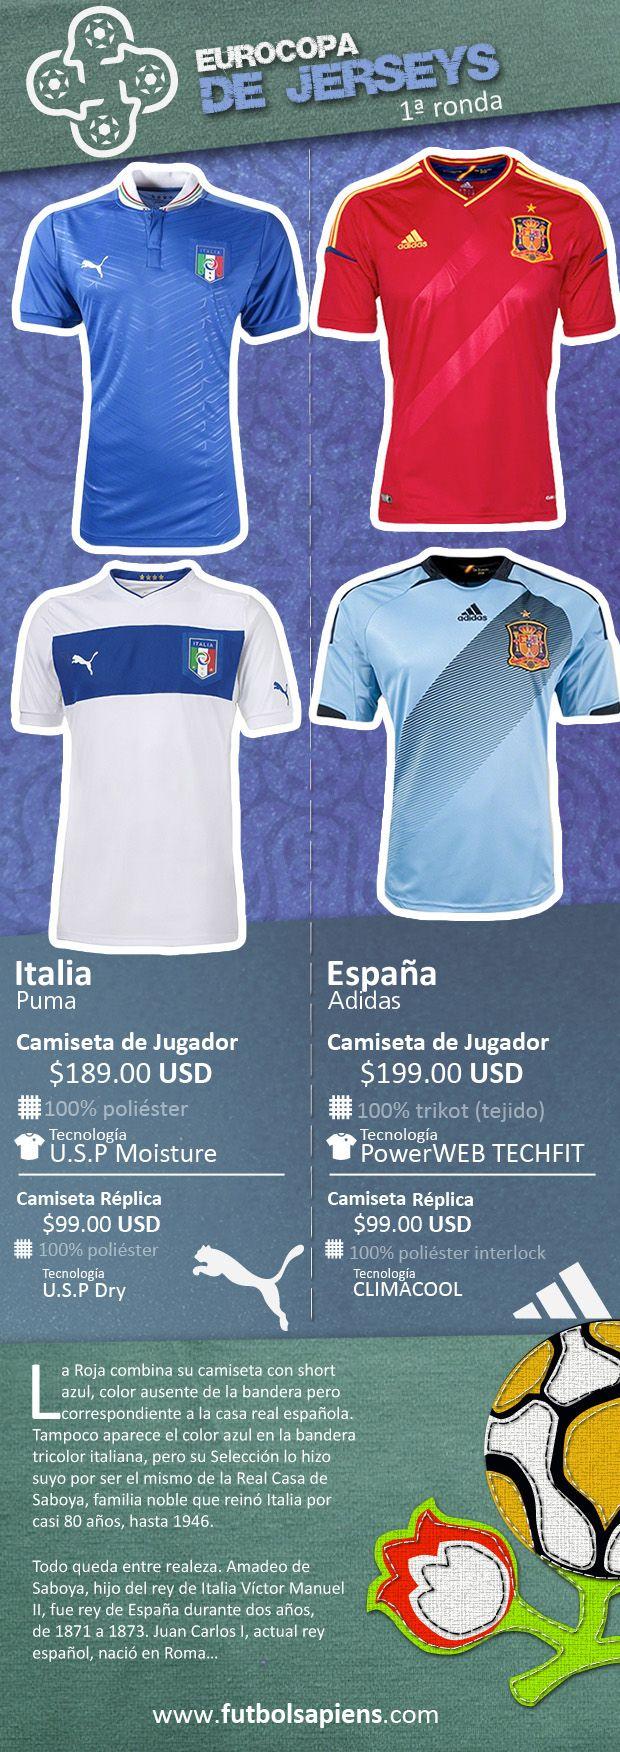 Duelo #5: Italia Vs España